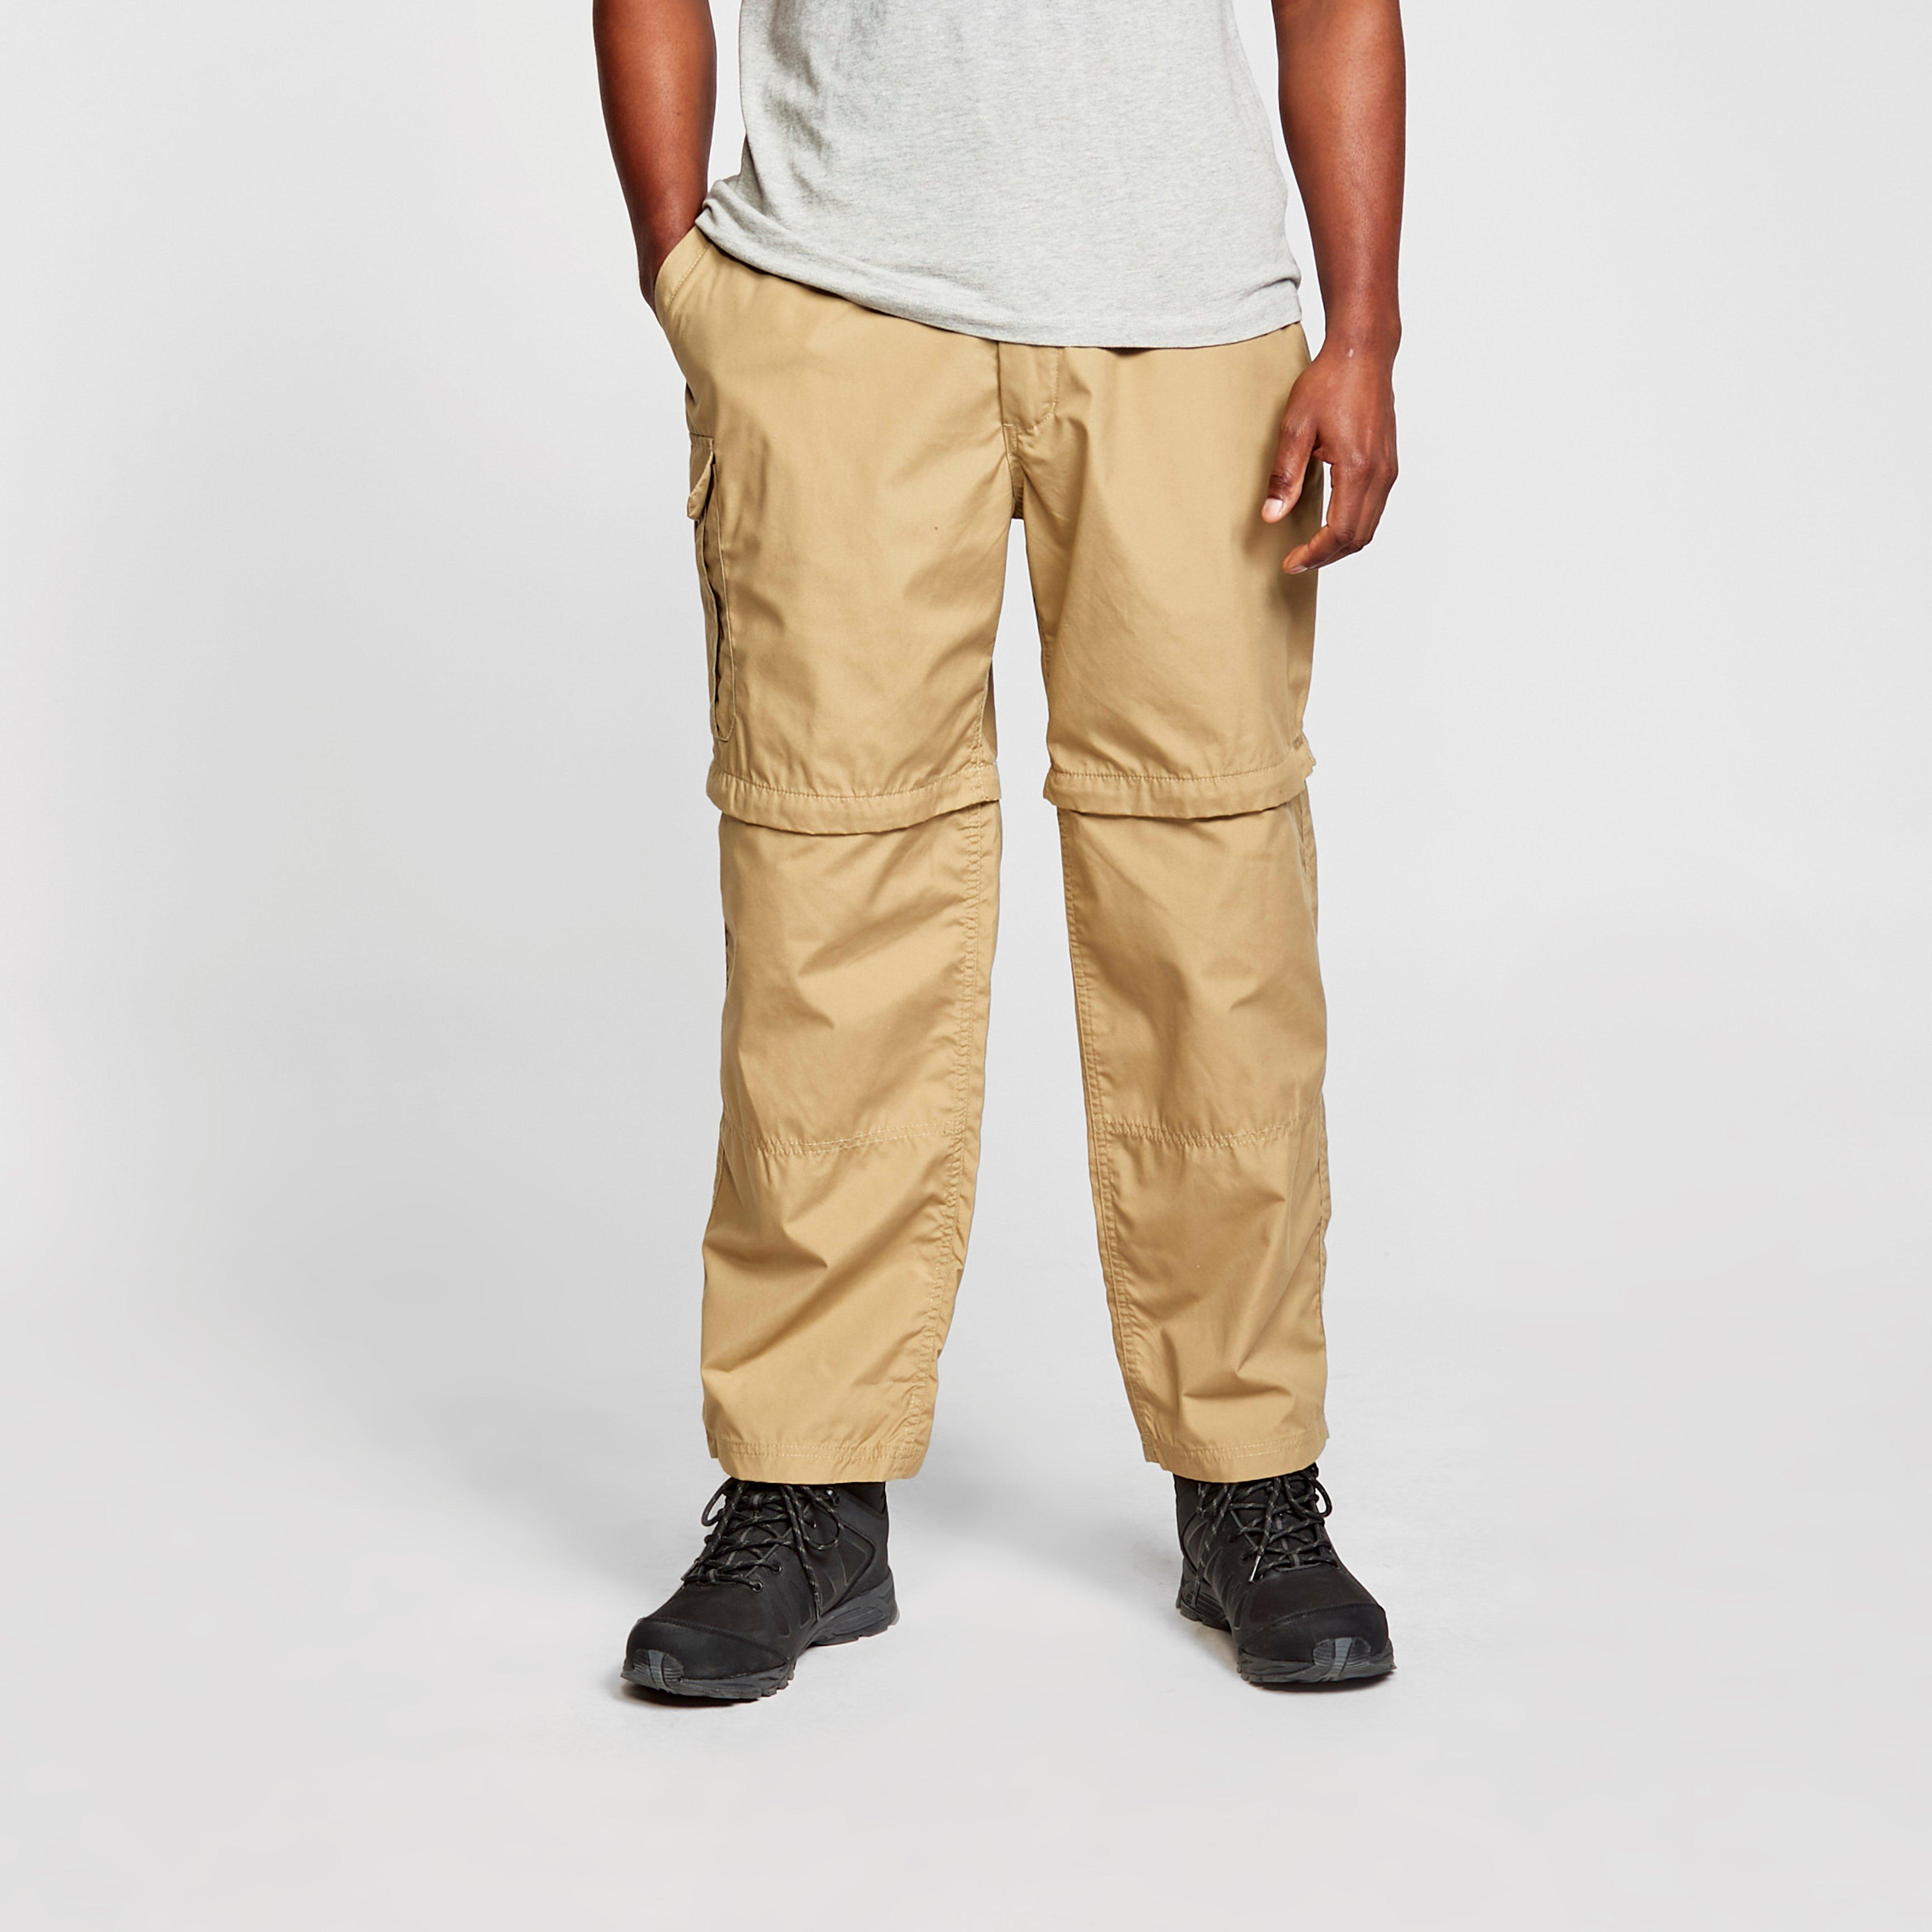 Craghoppers Mens Kiwi Convertible Trousers - Beige/bge  Beige/bge